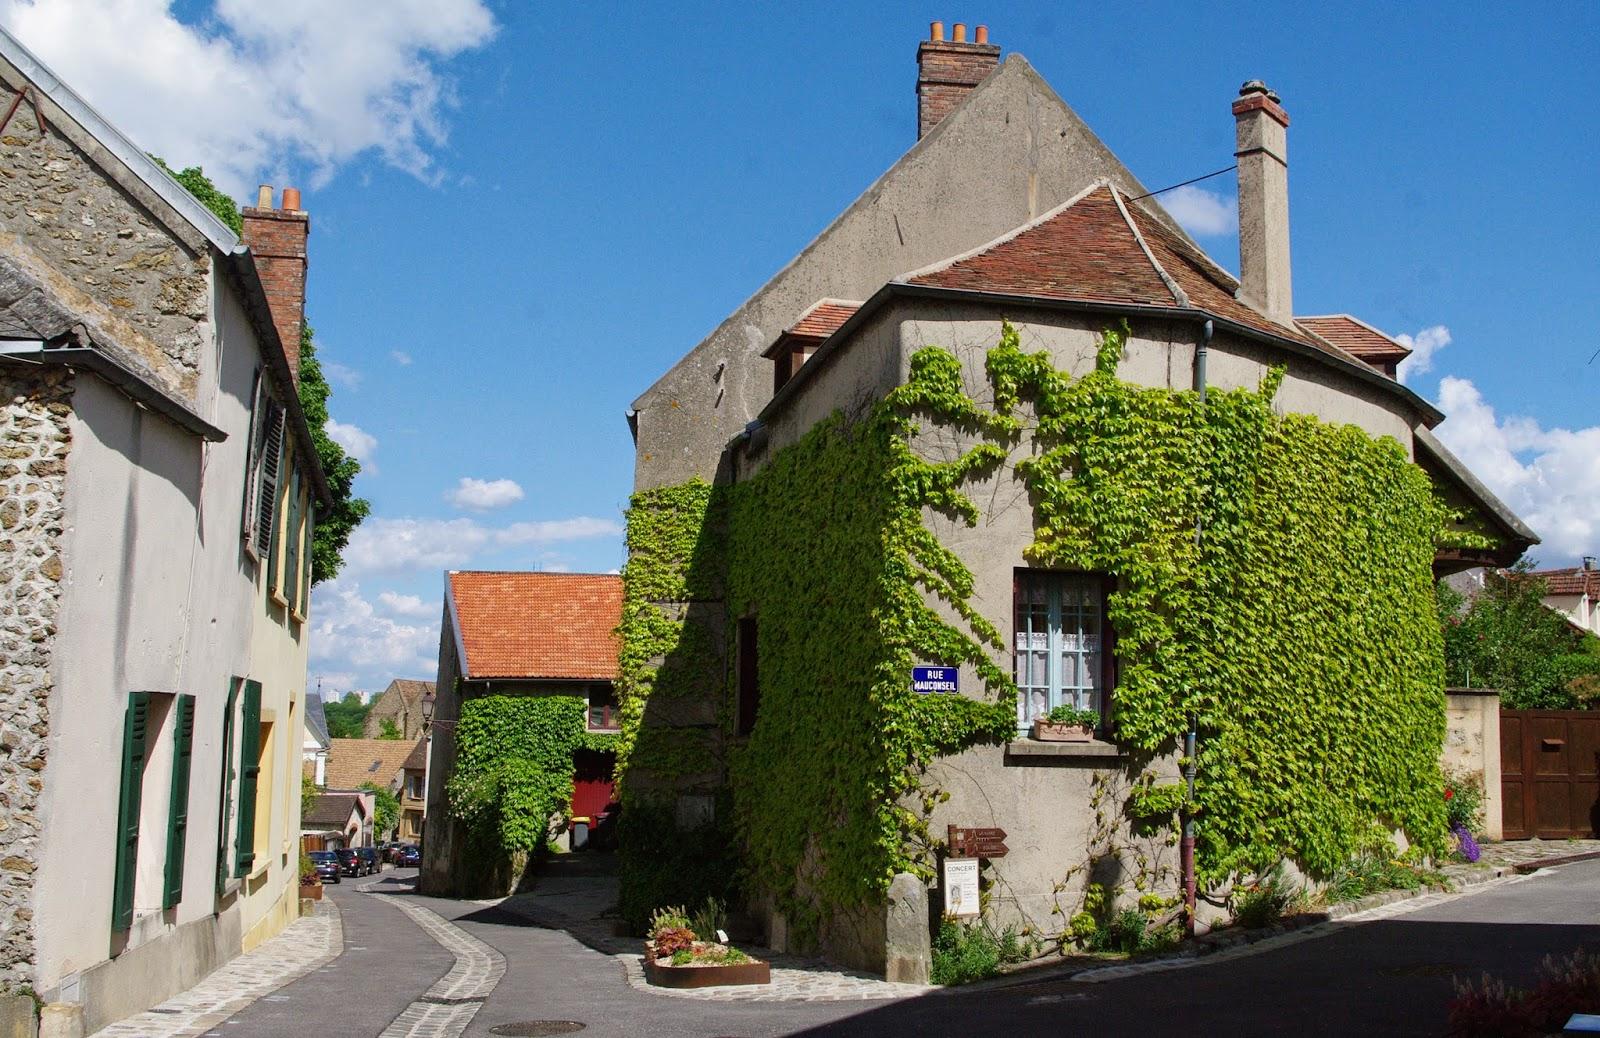 Maison Du Monde Saumur Beau Galerie Charmes Méconnus Du Hurepoix Le Charme Ancien Du Vieux Gometz Le